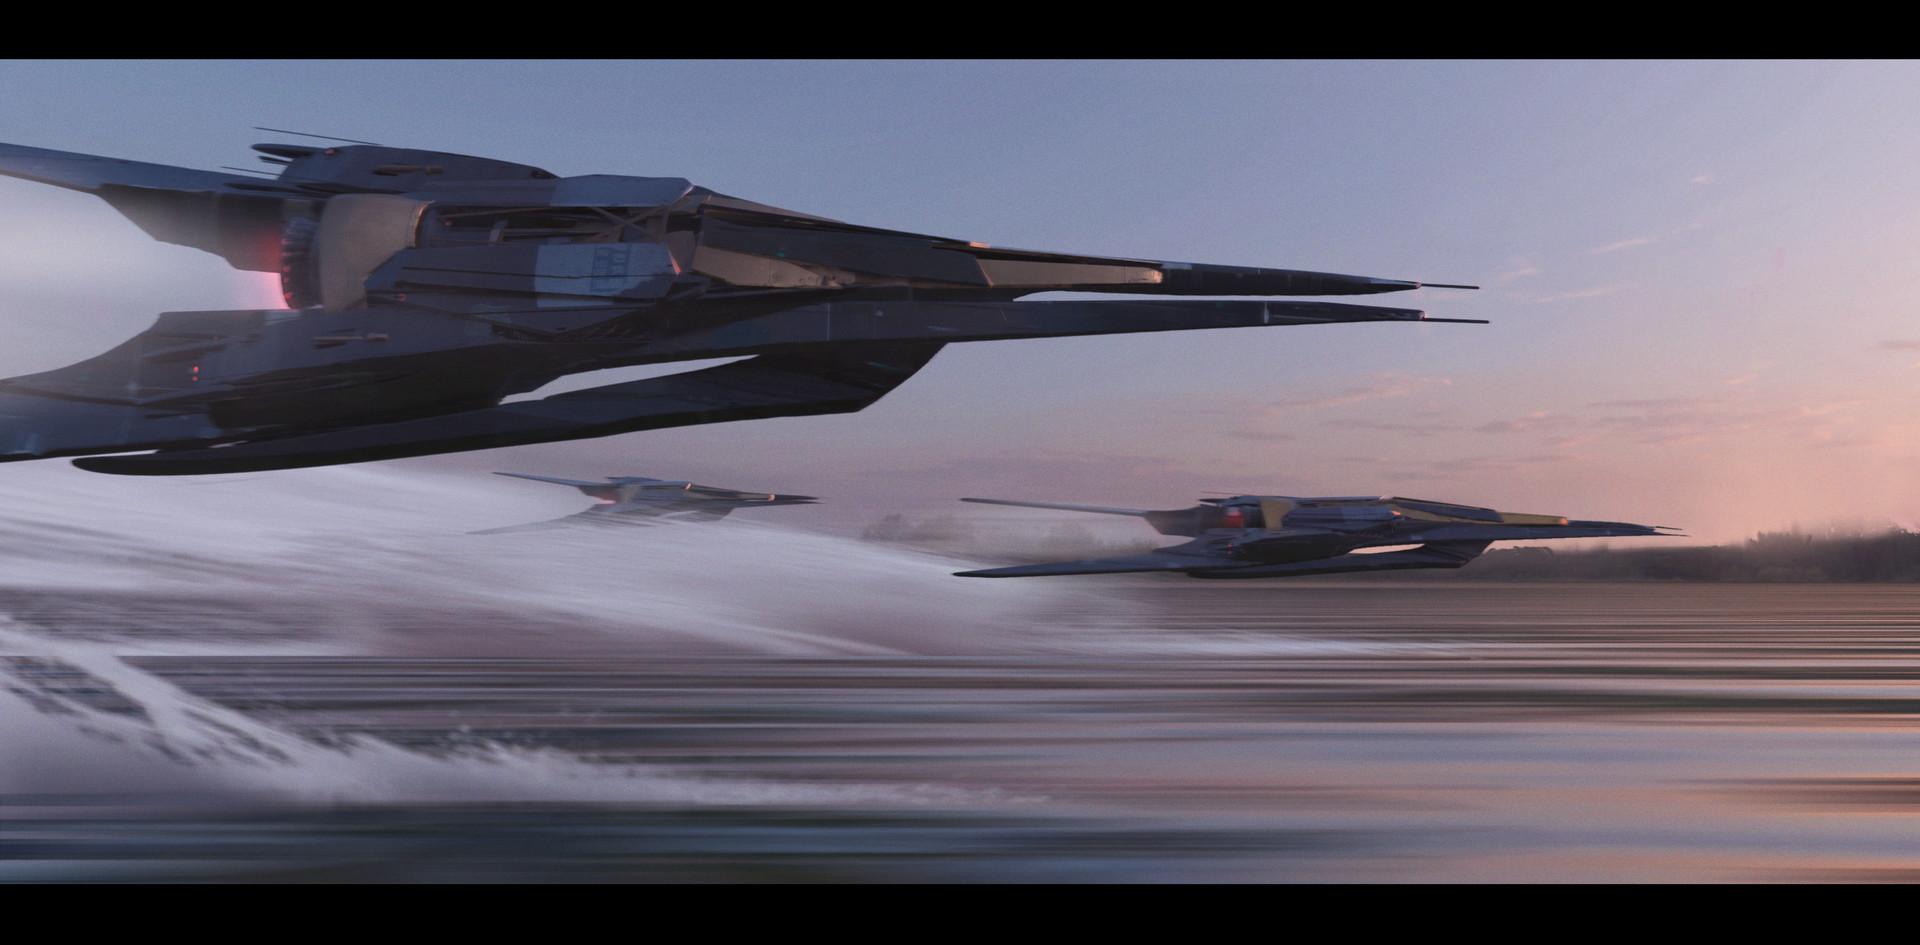 Jx saber spaceship 2